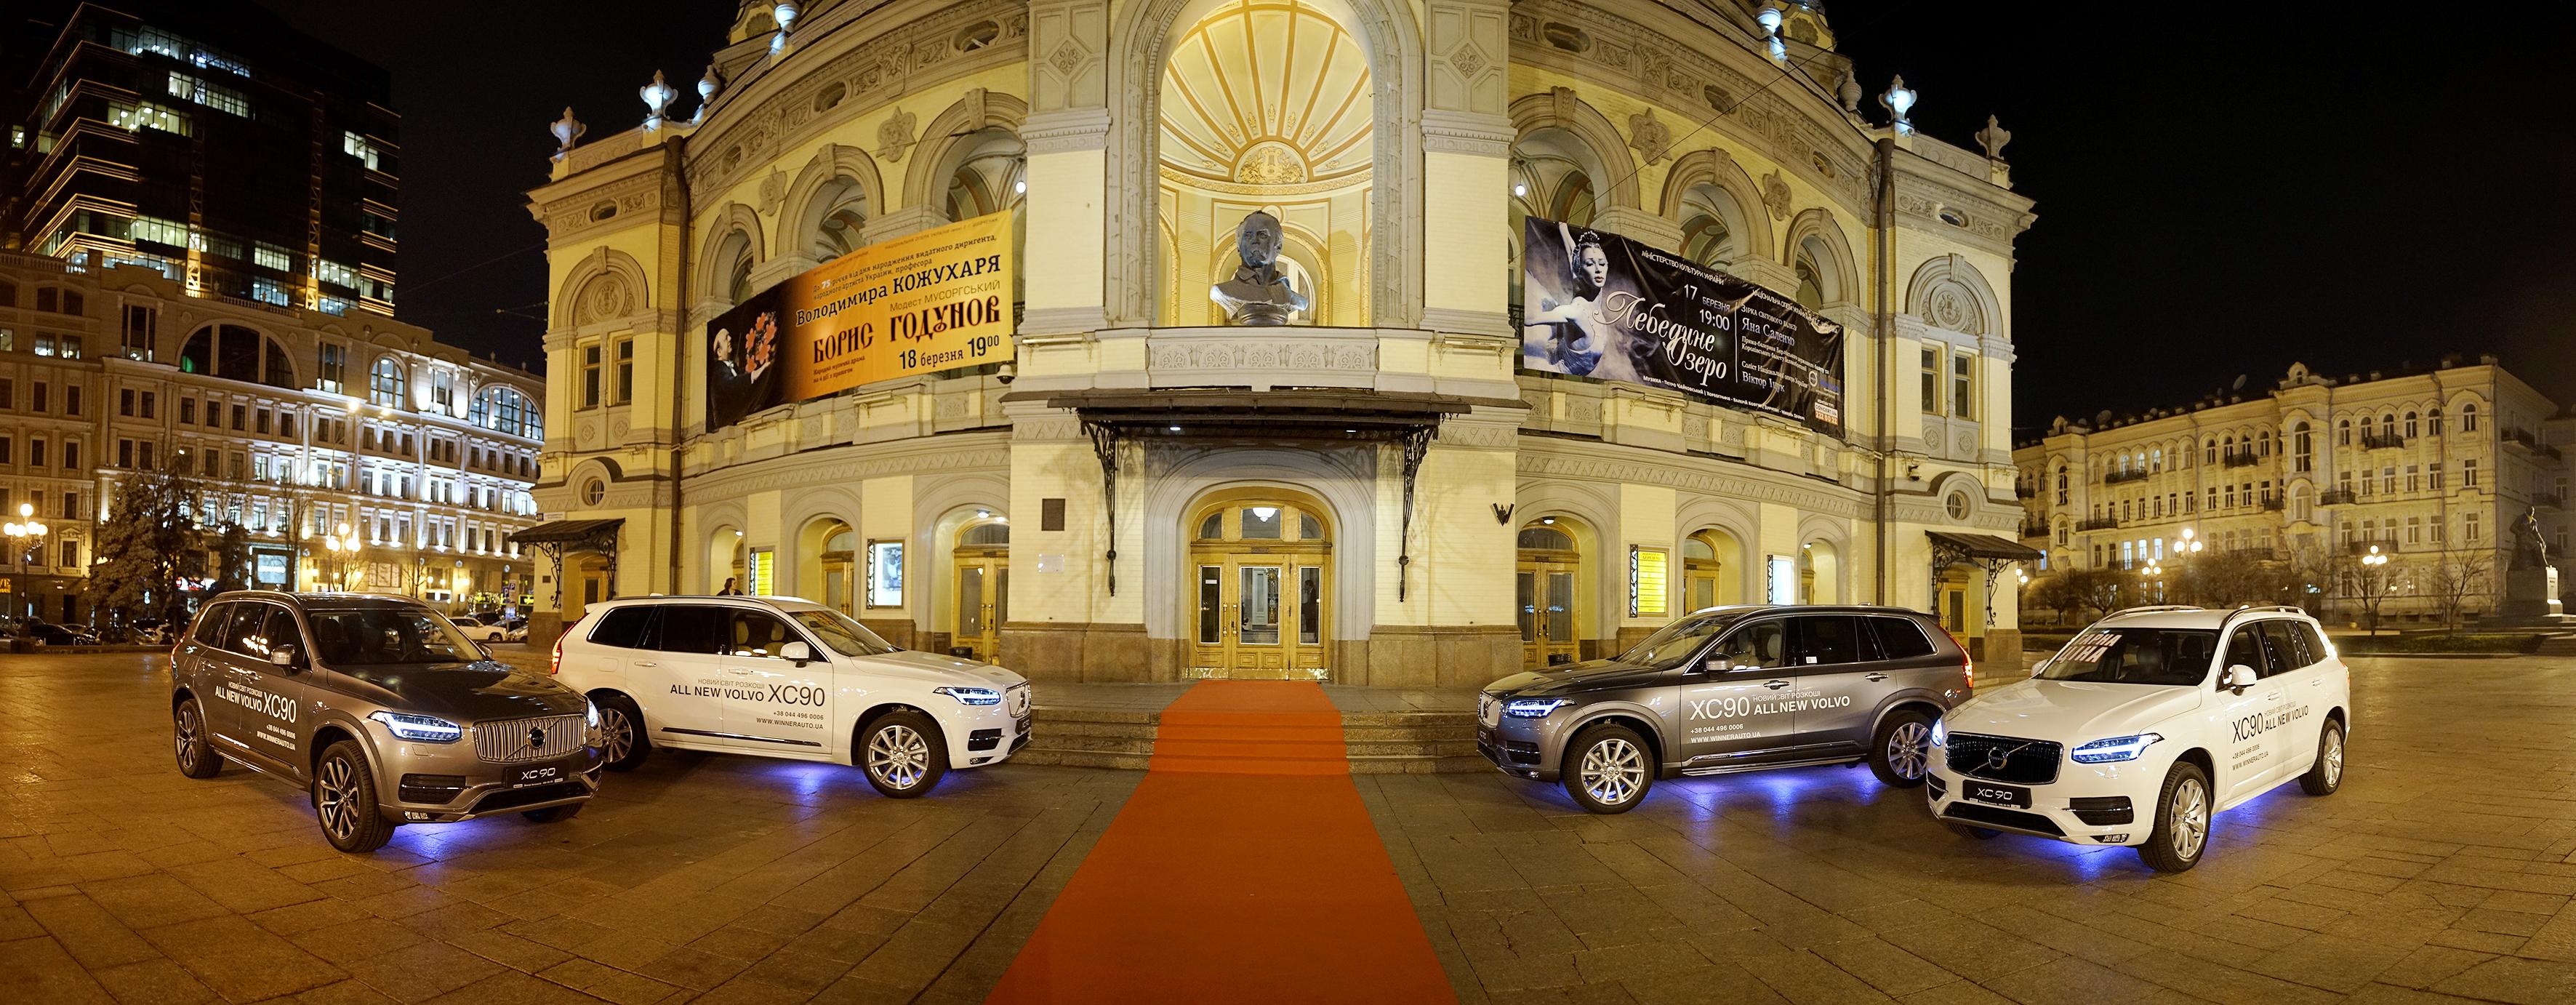 Volvo у національній опері України - офіційний представник Winner в Україні